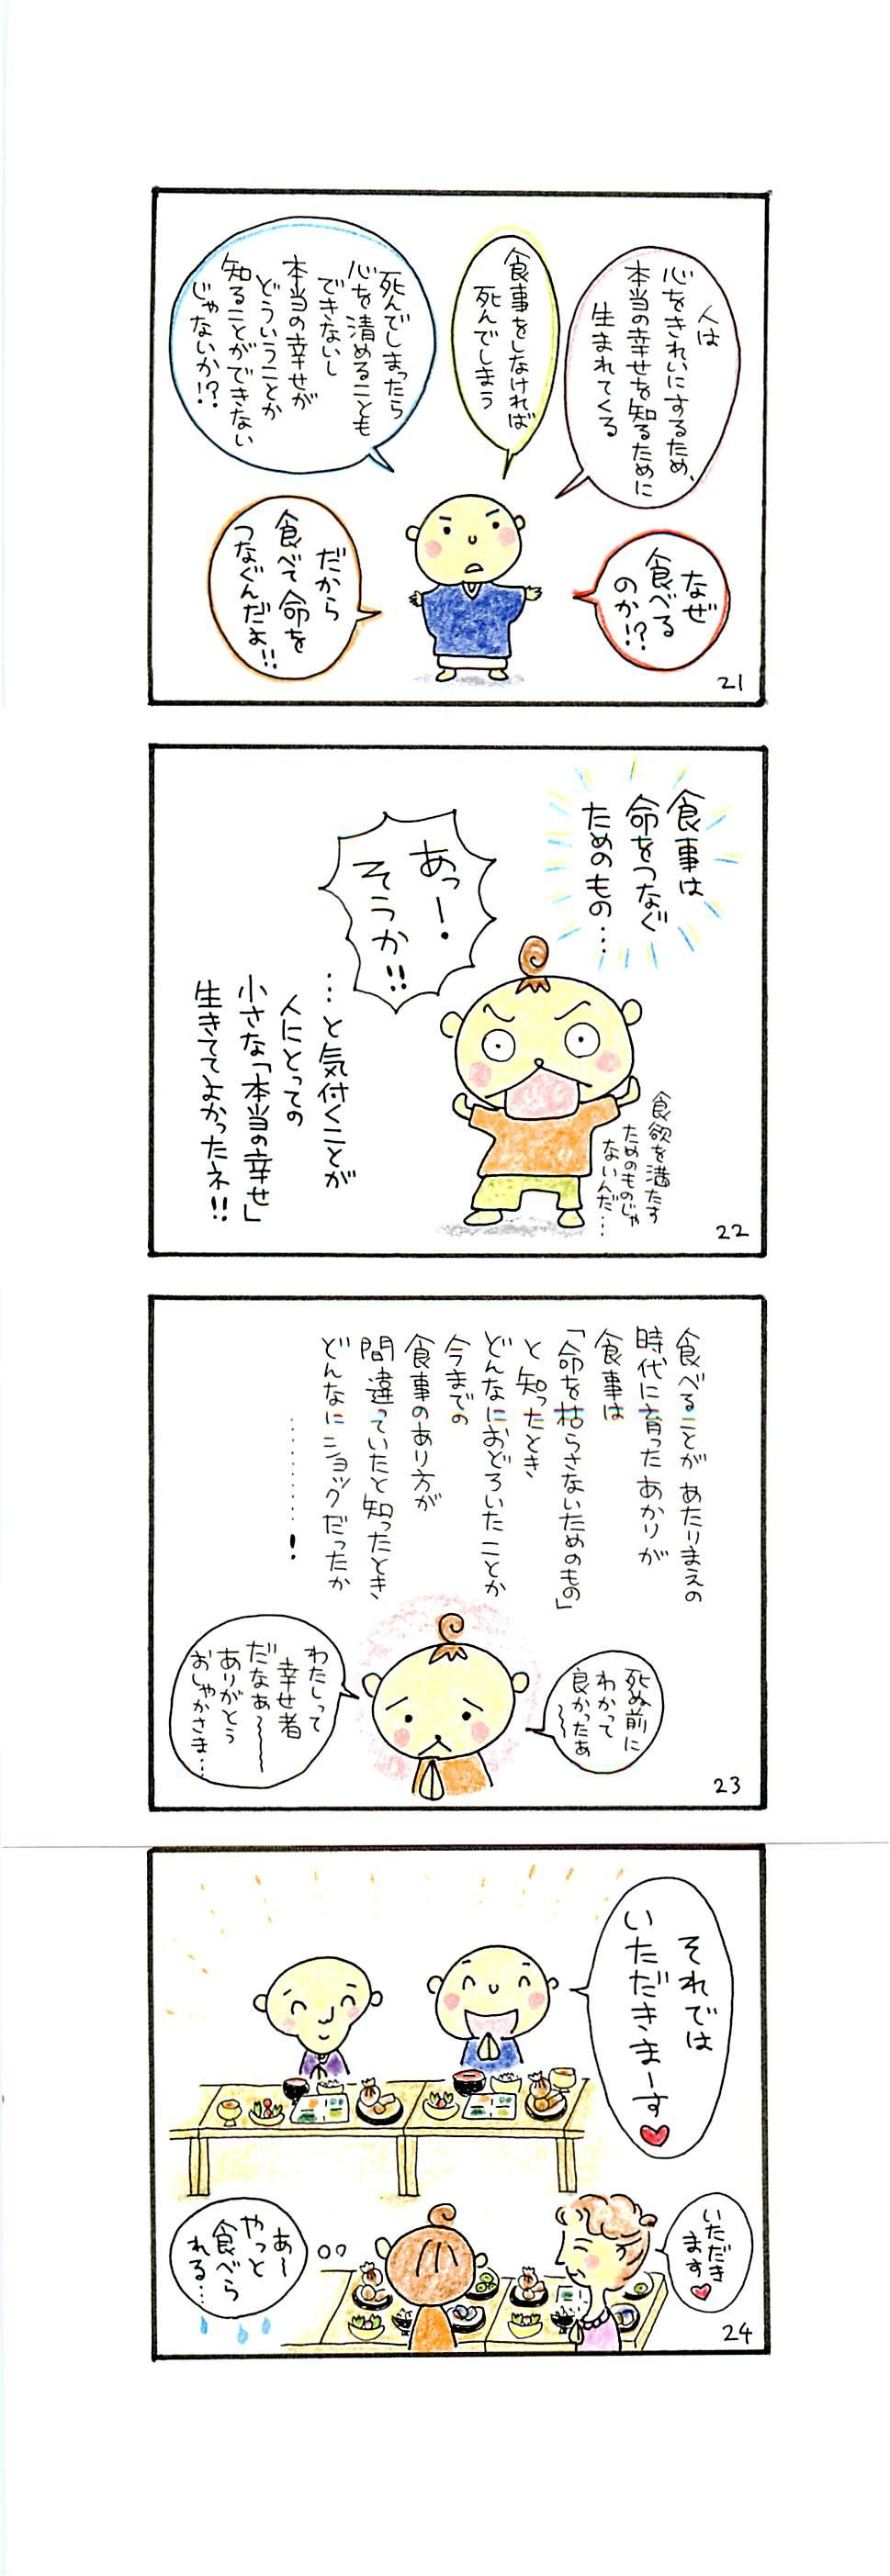 五観の偈p21-p24